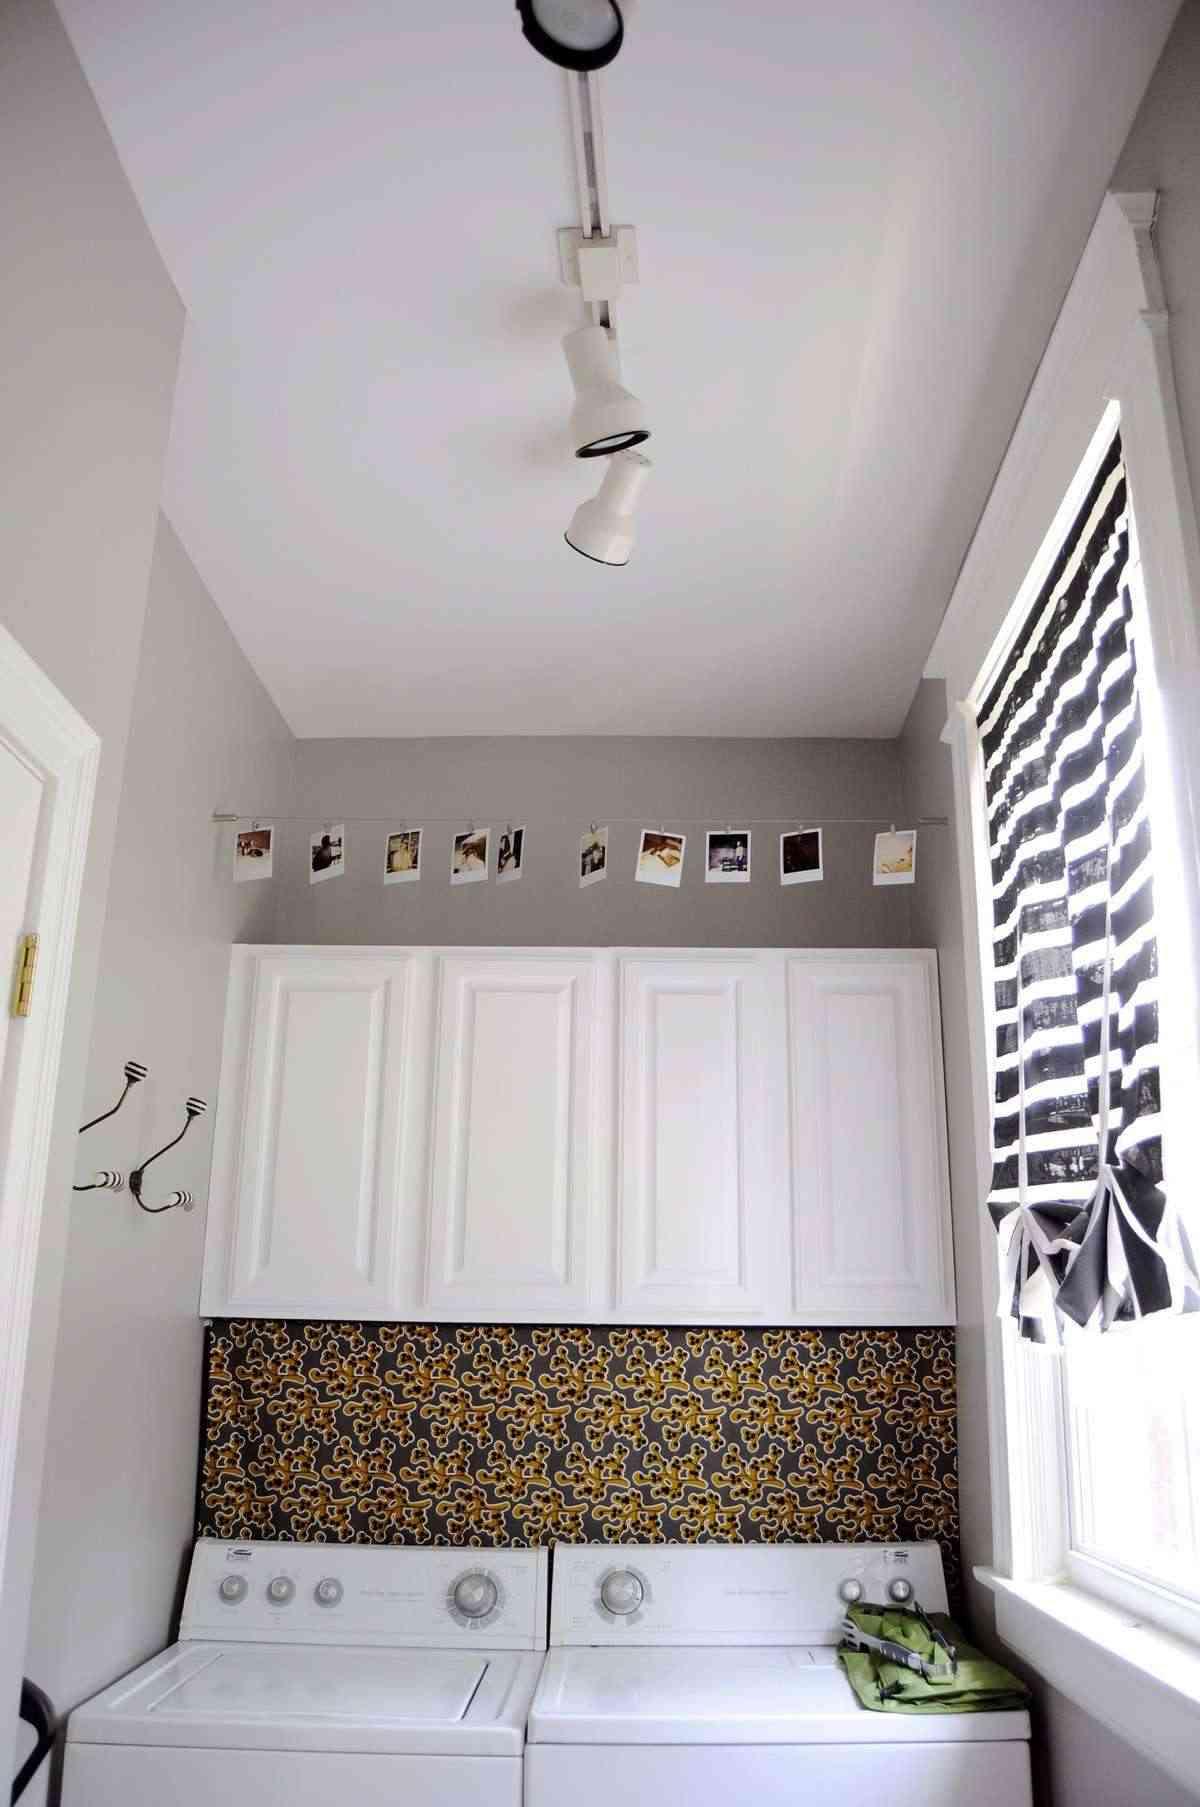 03imagenes de decoracion para inspirar tu cuarto de lavado